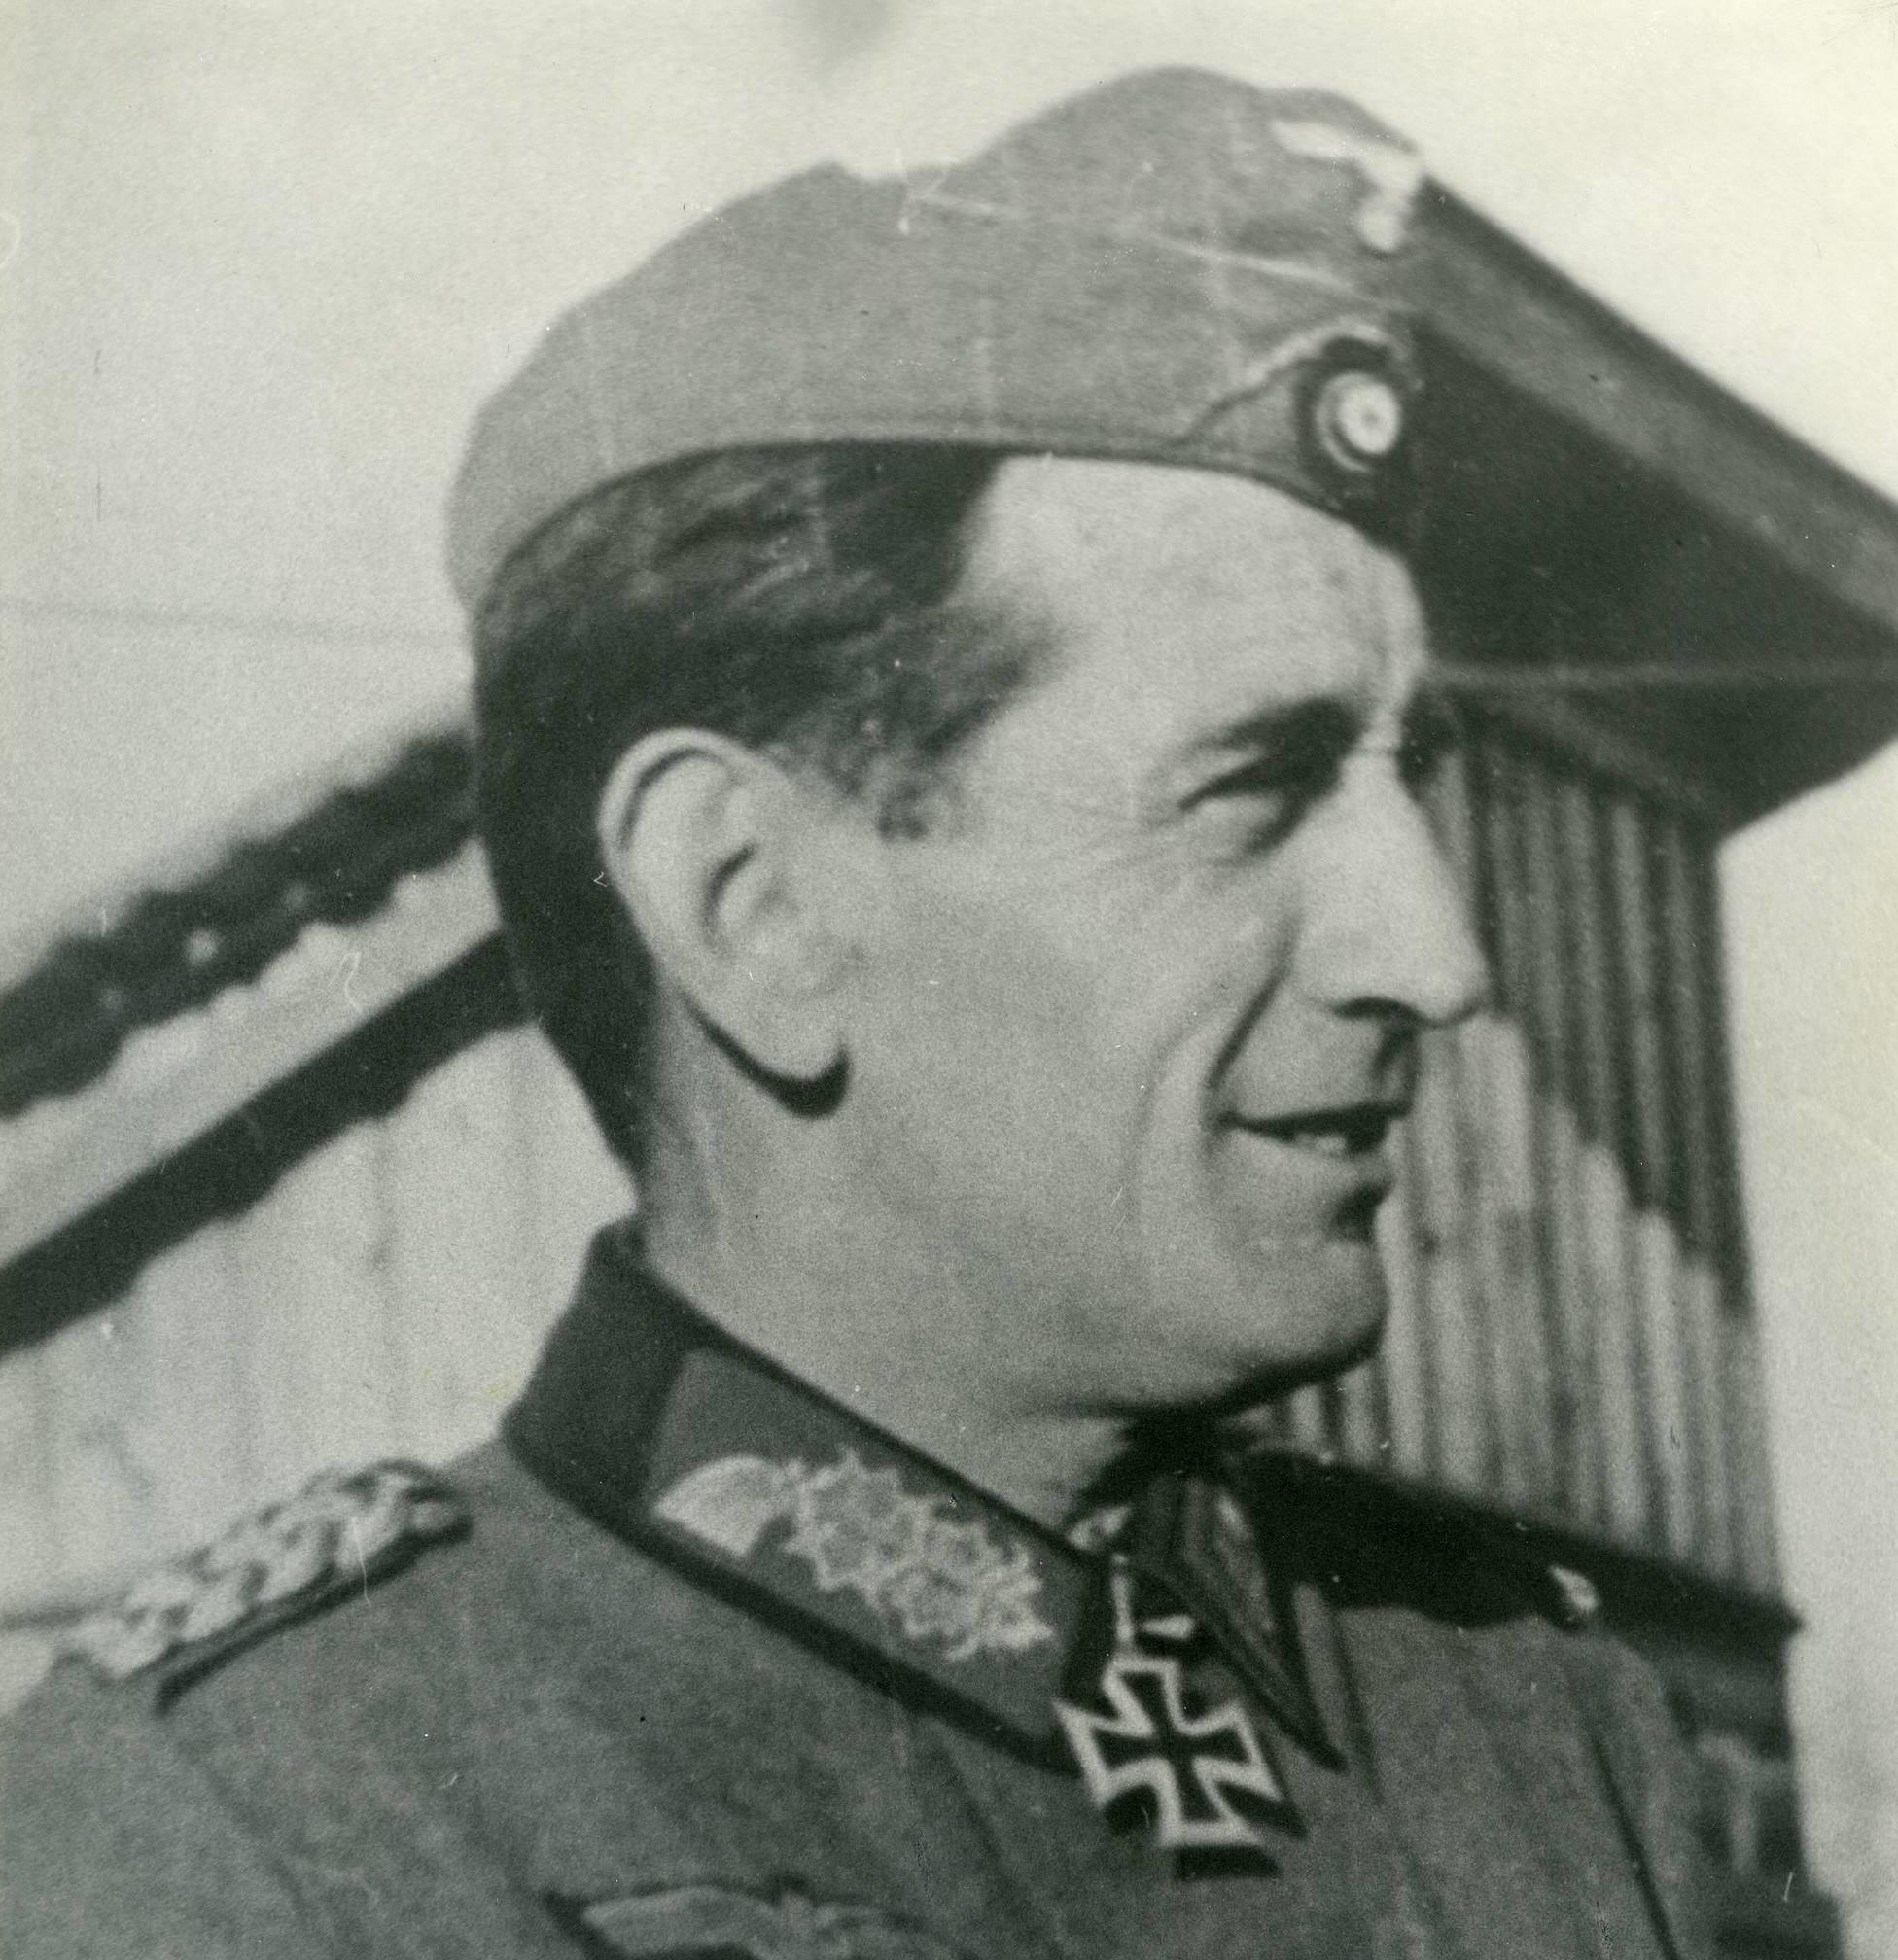 Командующий дивизии генерал Муньос Грандес.